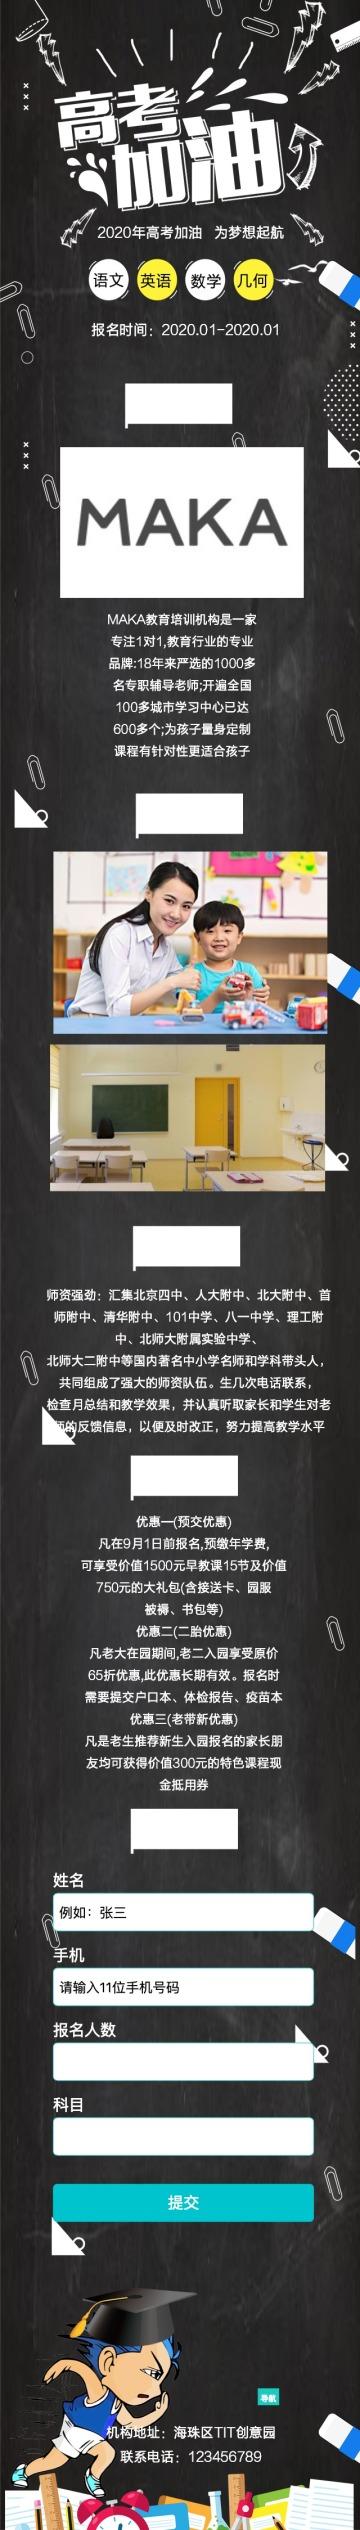 手绘简约教育培训高考课业辅导介绍推广单页